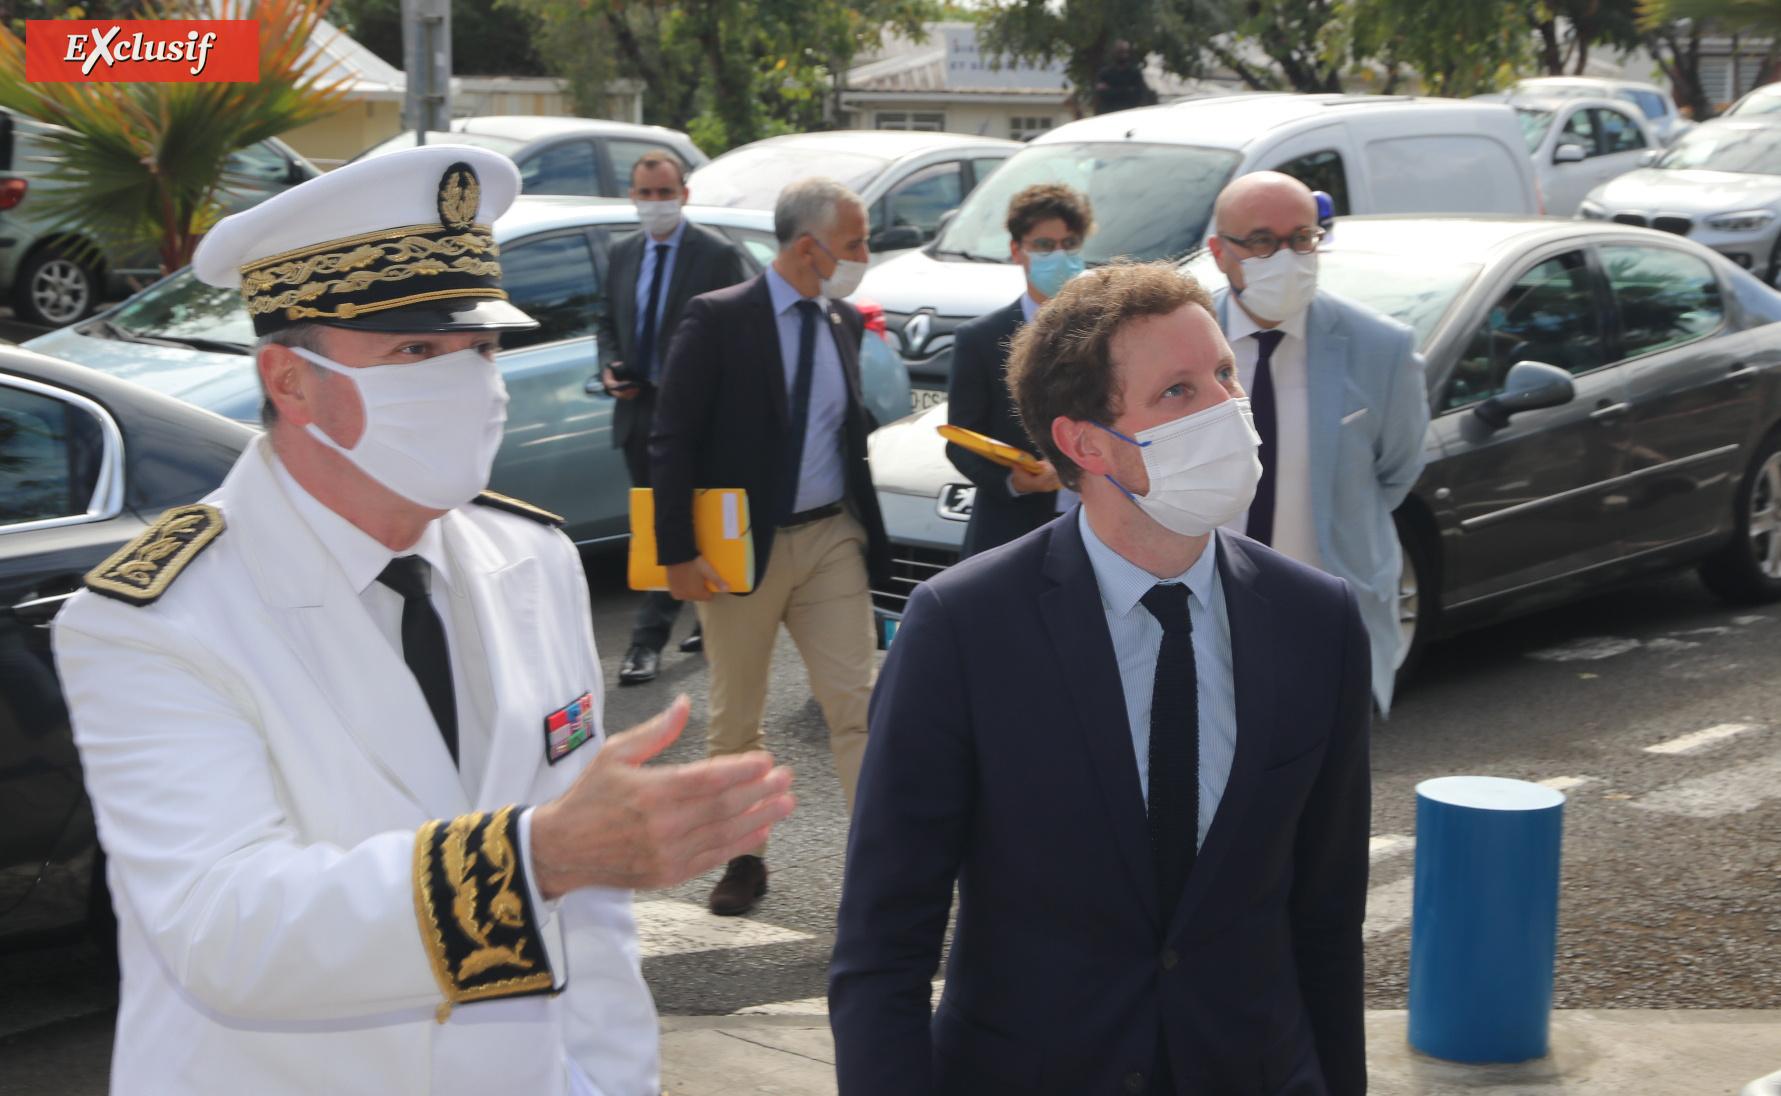 Rentrée des étudiant.e.s étranger.e.s avec le Secrétaire d'Etat Clément Beaune